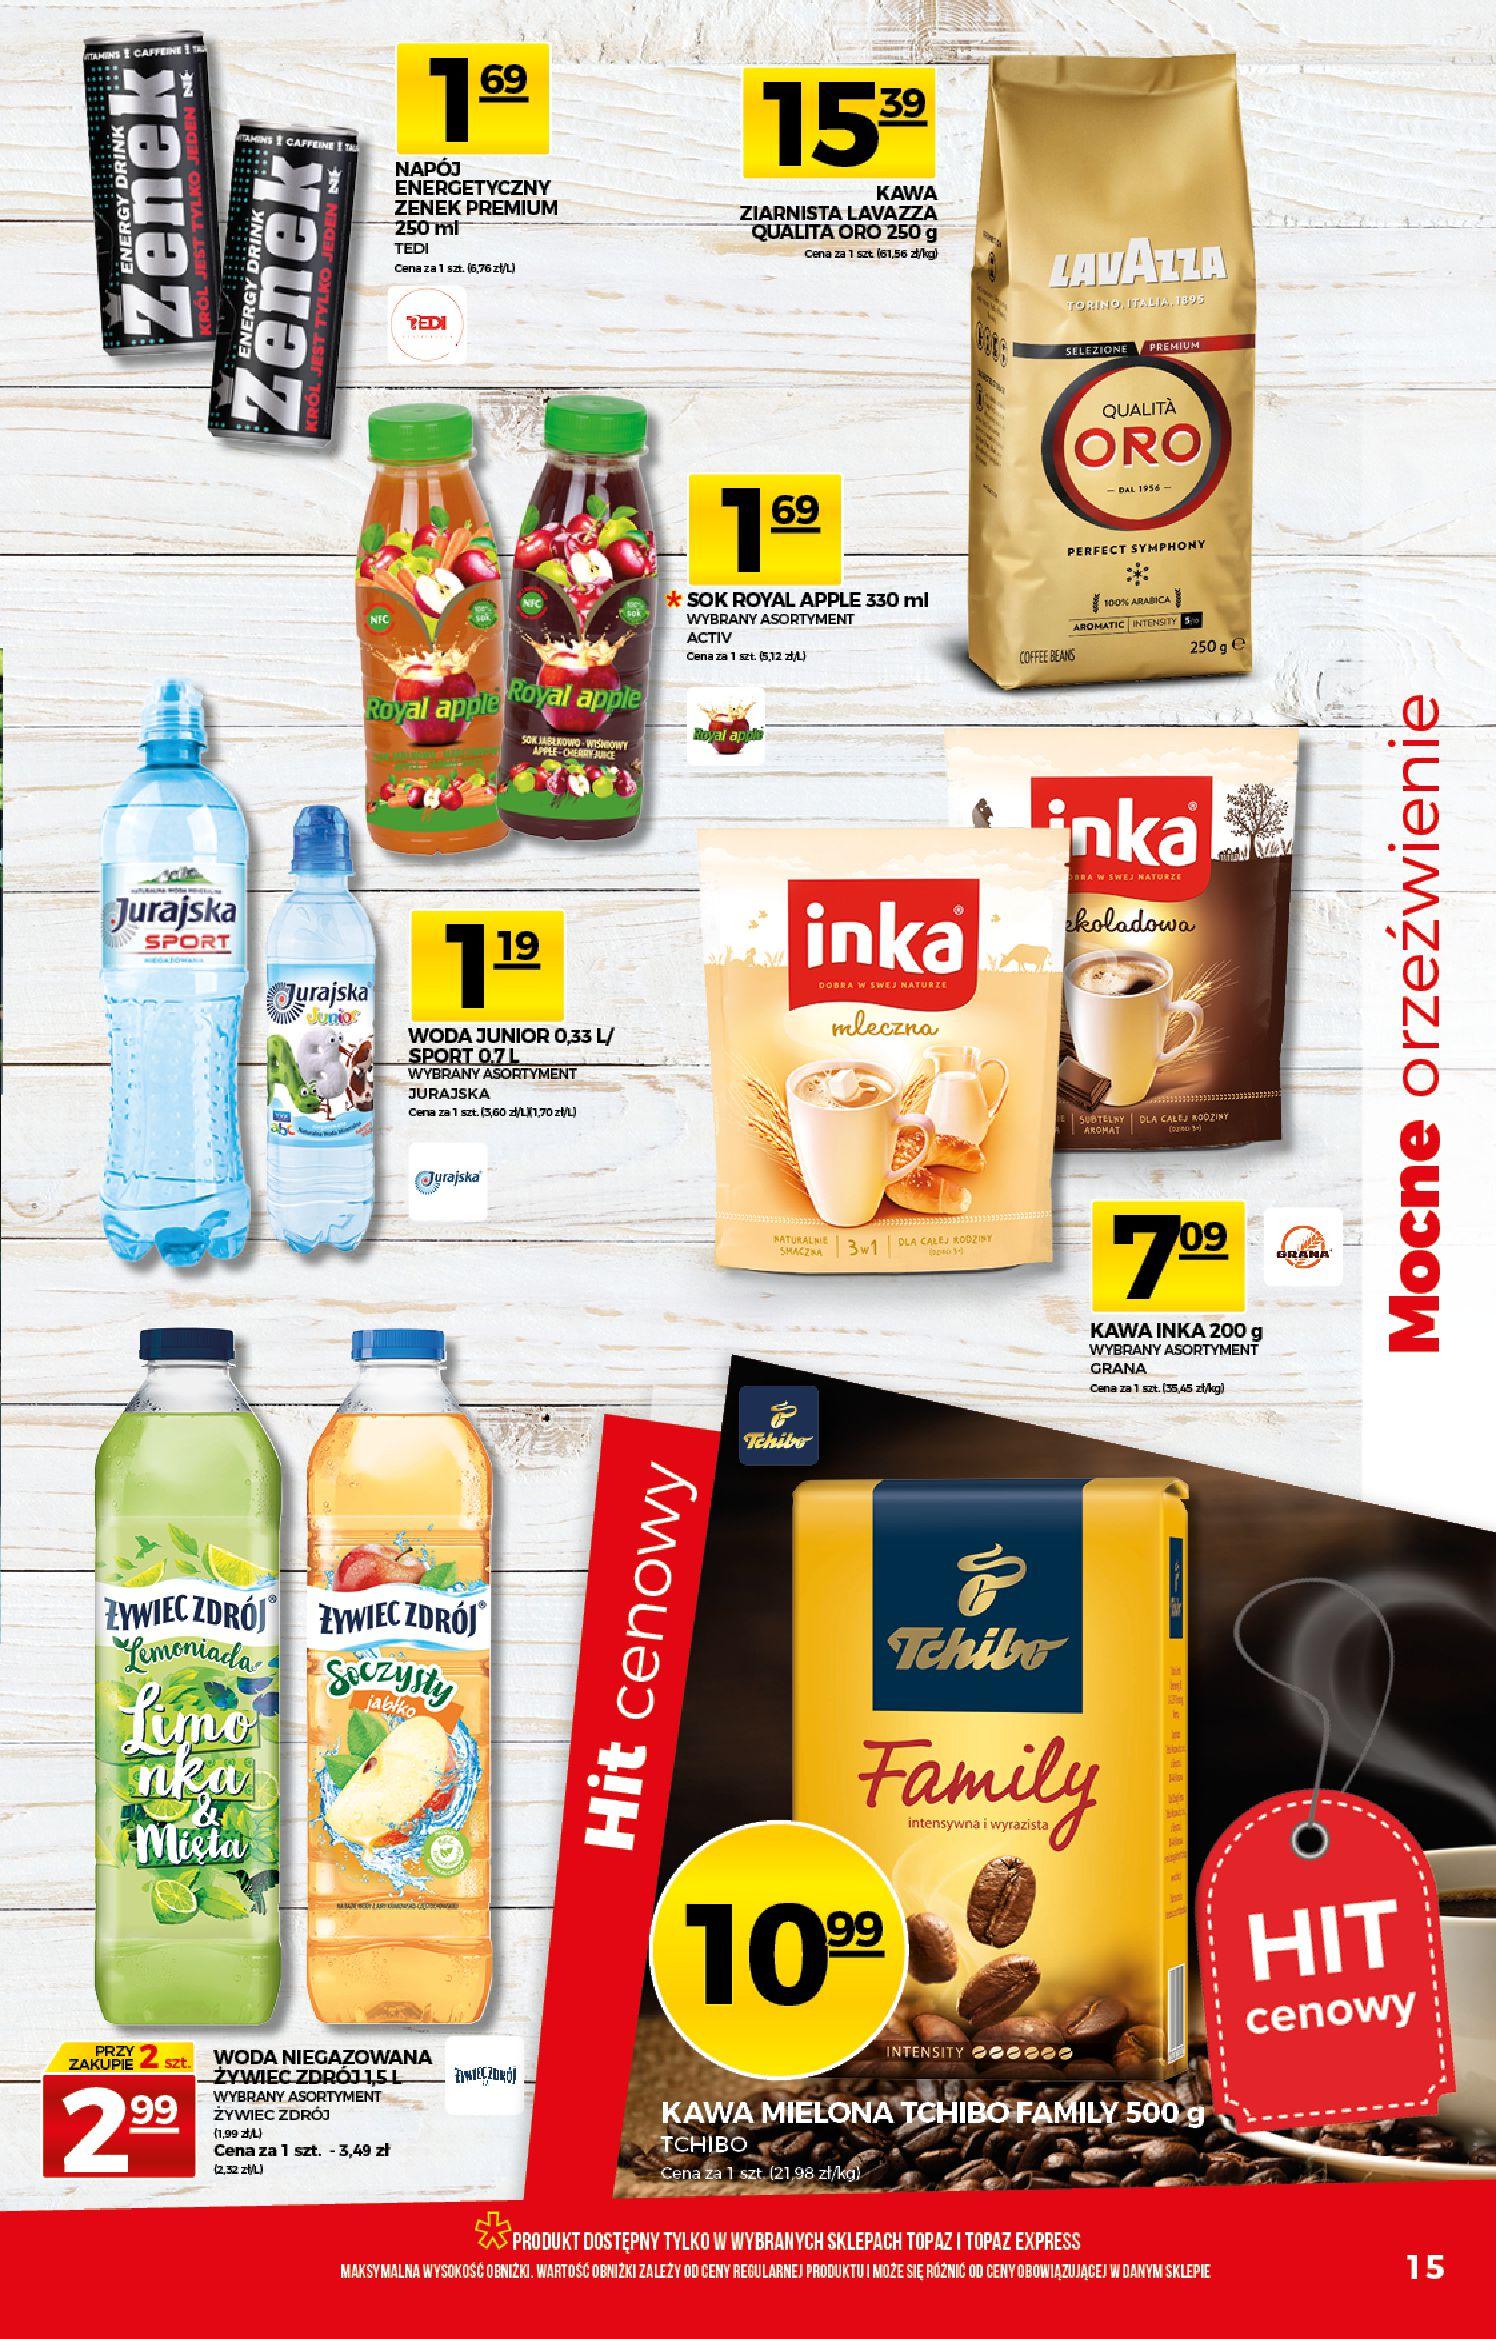 Gazetka TOPAZ - Gazetka promocyjna-25.03.2020-01.04.2020-page-15